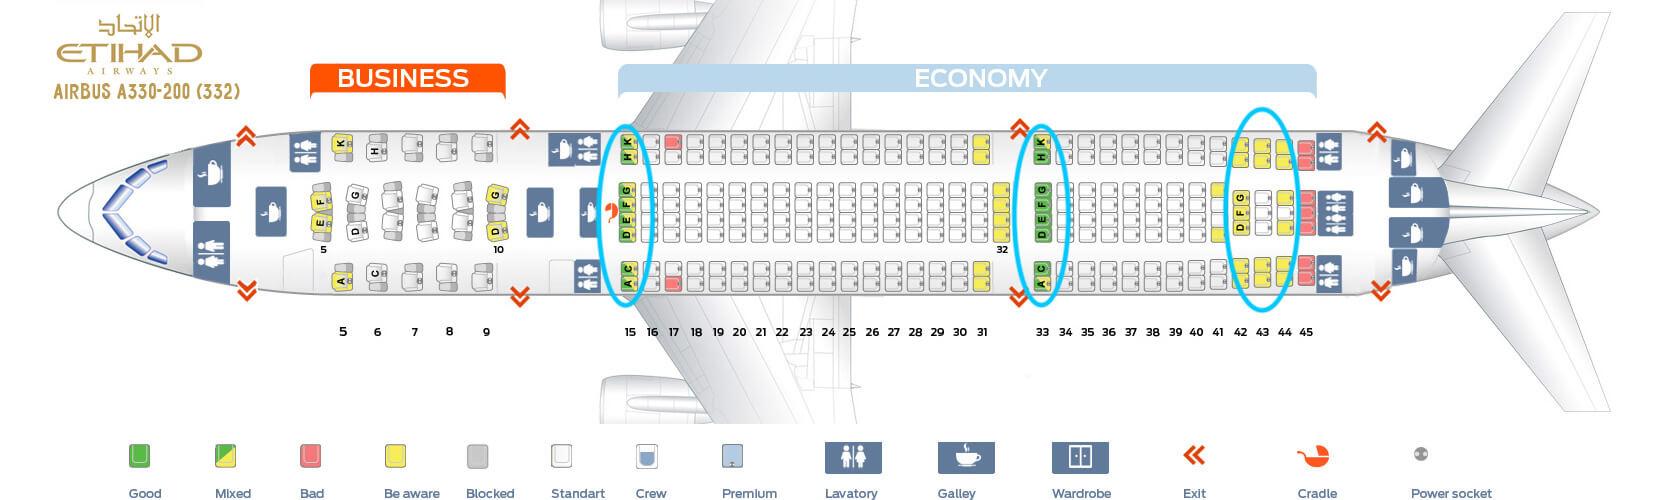 Seat Map Airbus A330-200 Etihad Airways